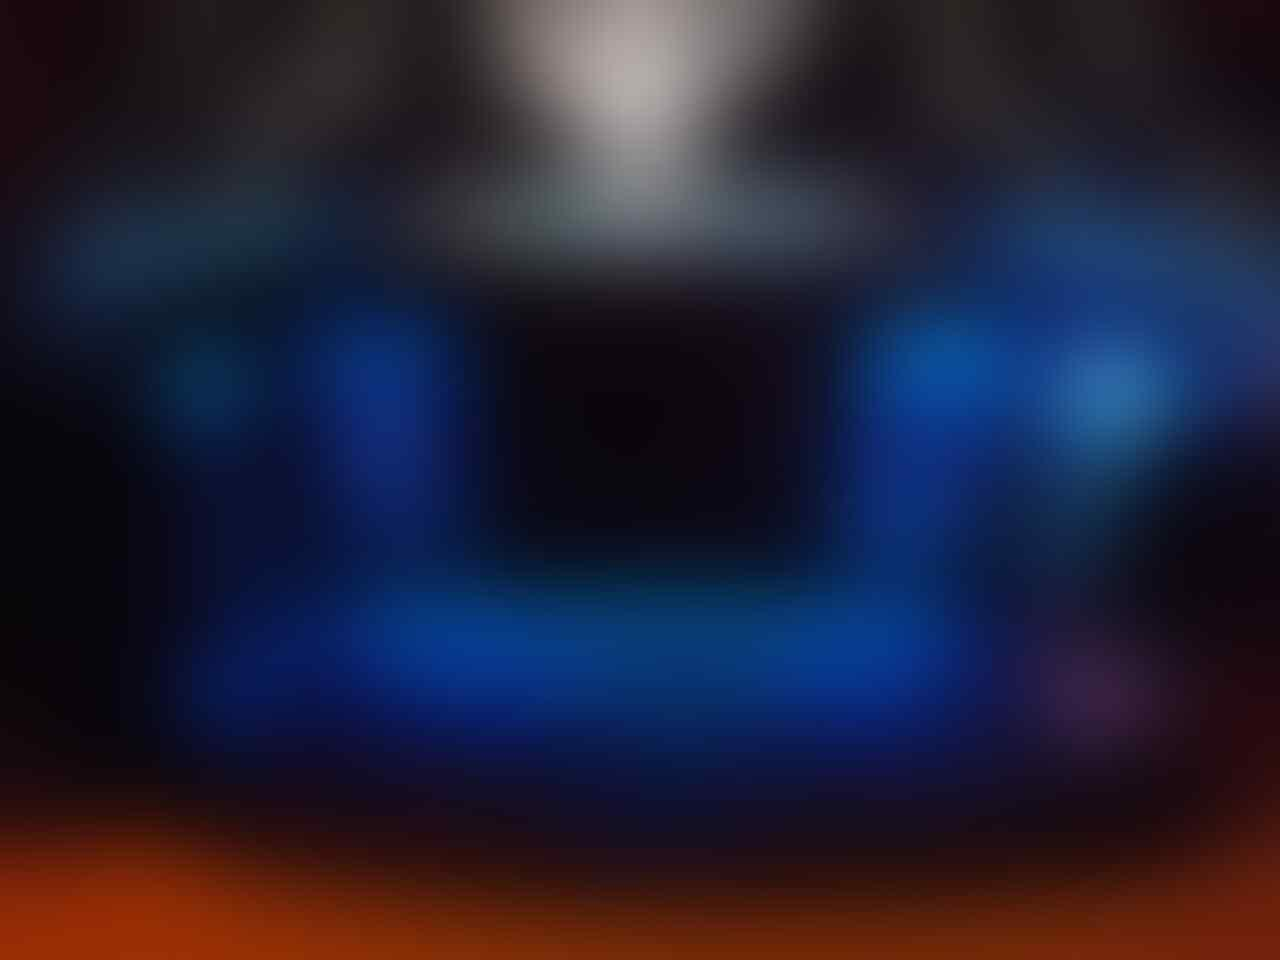 Jual Audio Baru dan 2nd, Beli - Tukar Tambah Audio Pasang Audio (New, 2nd) TER-MURAH